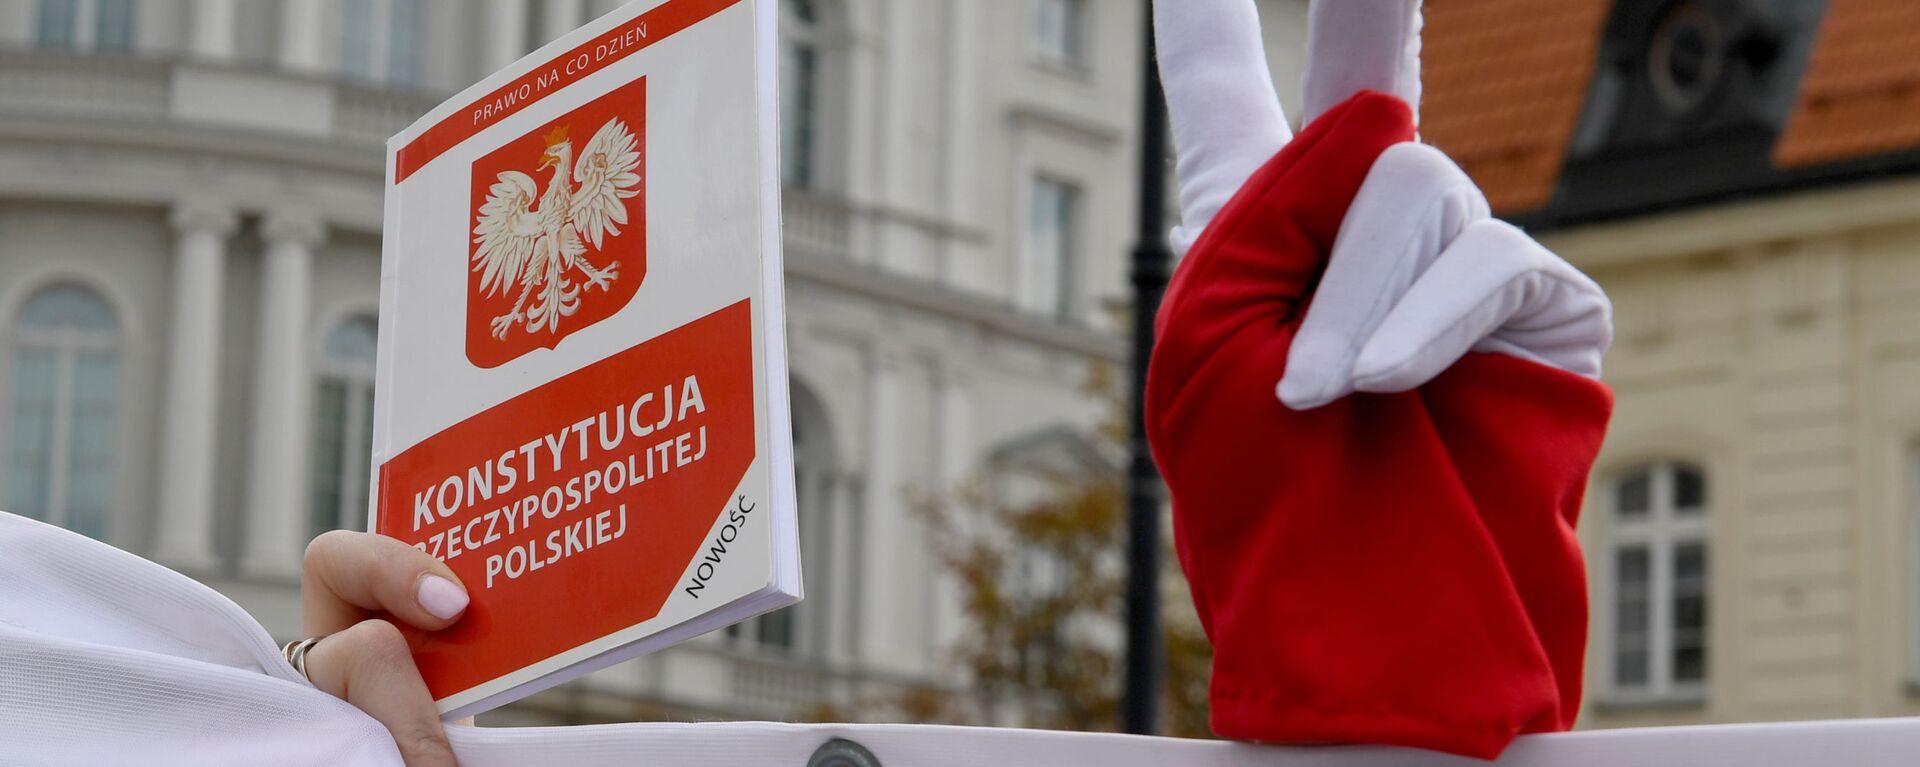 Účastníci mítinku na podporu soudců Nejvyššího soudu Polska před prezidentským palácem ve Varšavě - Sputnik Česká republika, 1920, 04.02.2020